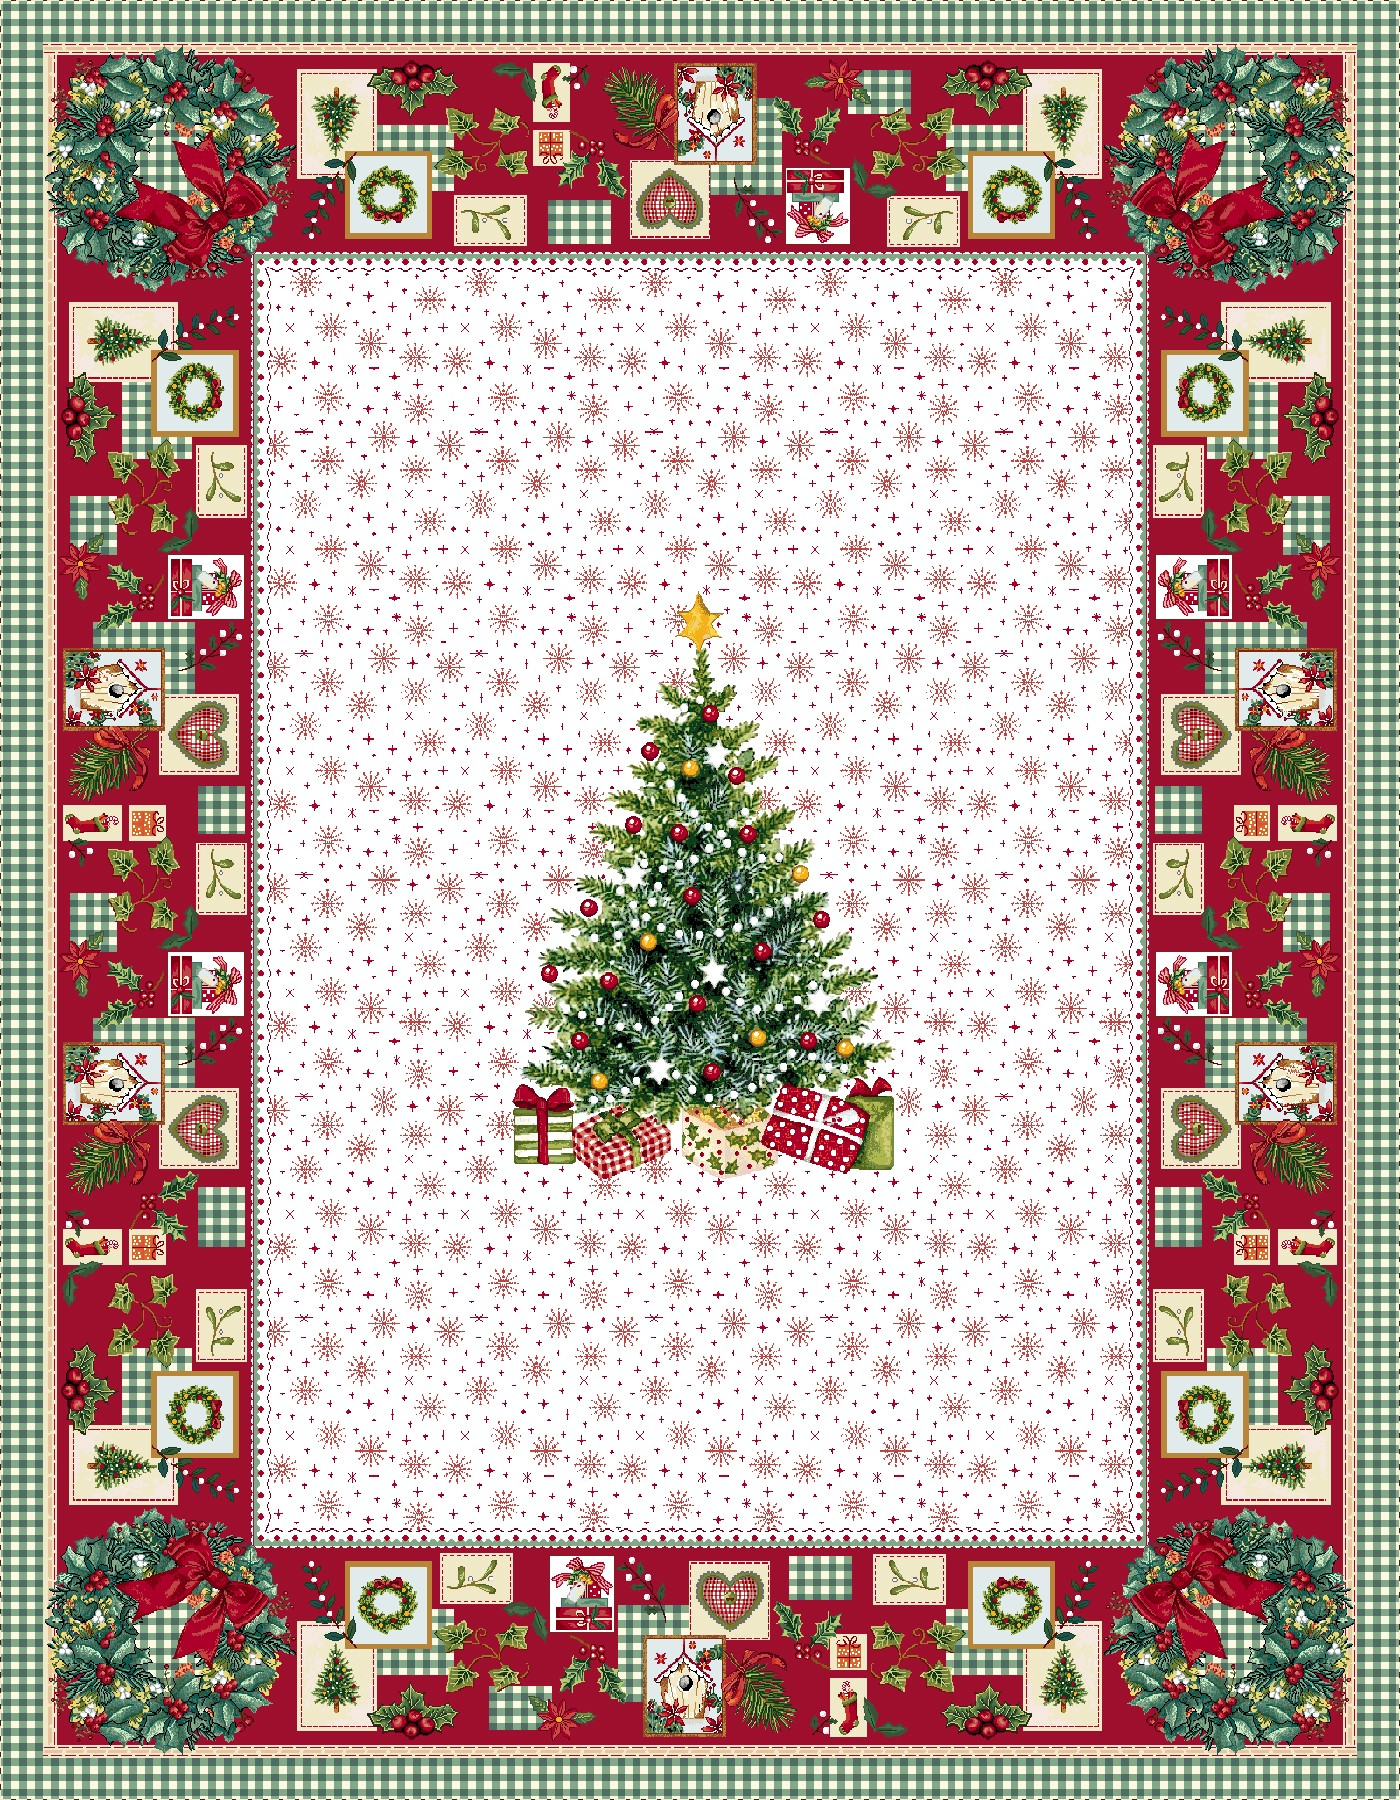 Χριστουγεννιάτικο Τραπεζομάντηλο 140x180 Vassiliadis Ilusione Lurex